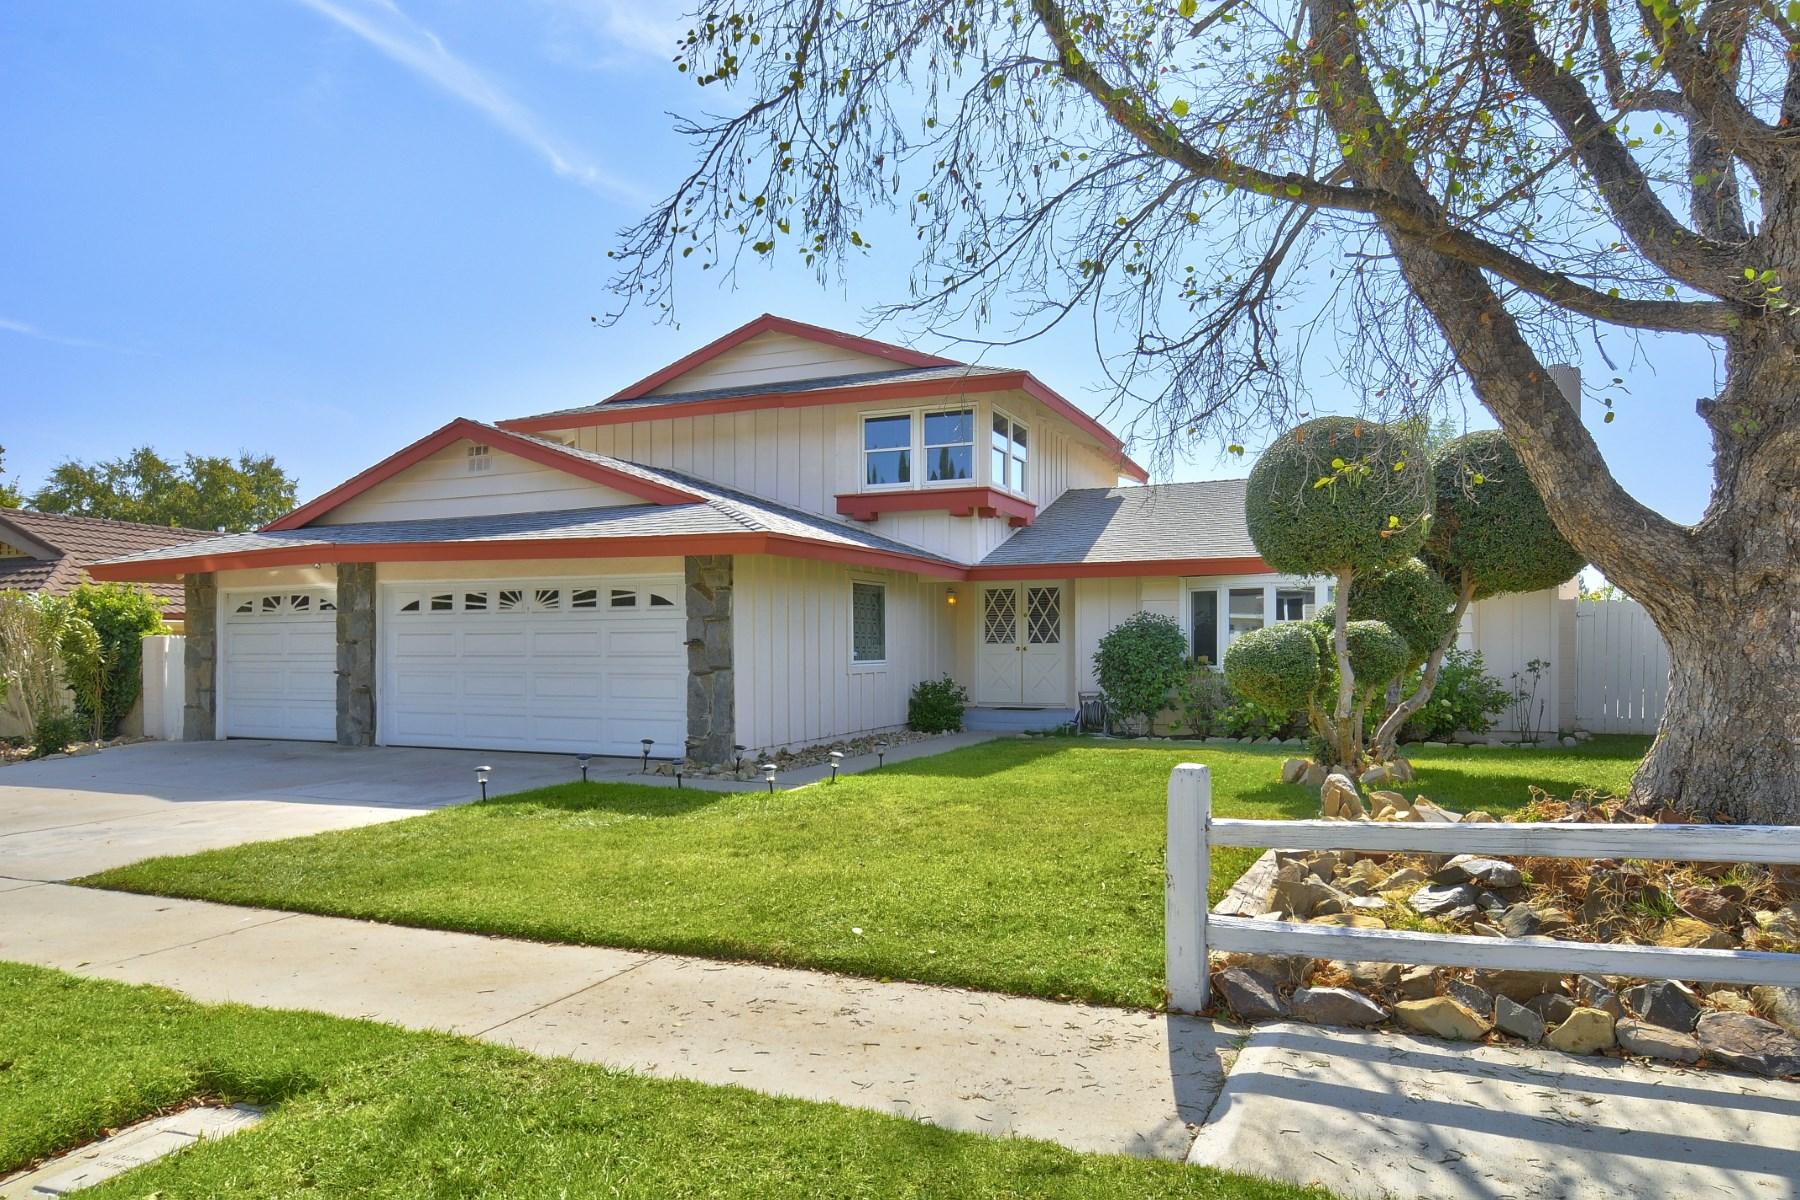 Villa per Vendita alle ore Charming Updated 4 Bedroom With A Pool 27018 De Berry Drive Calabasas, California, 91301 Stati Uniti